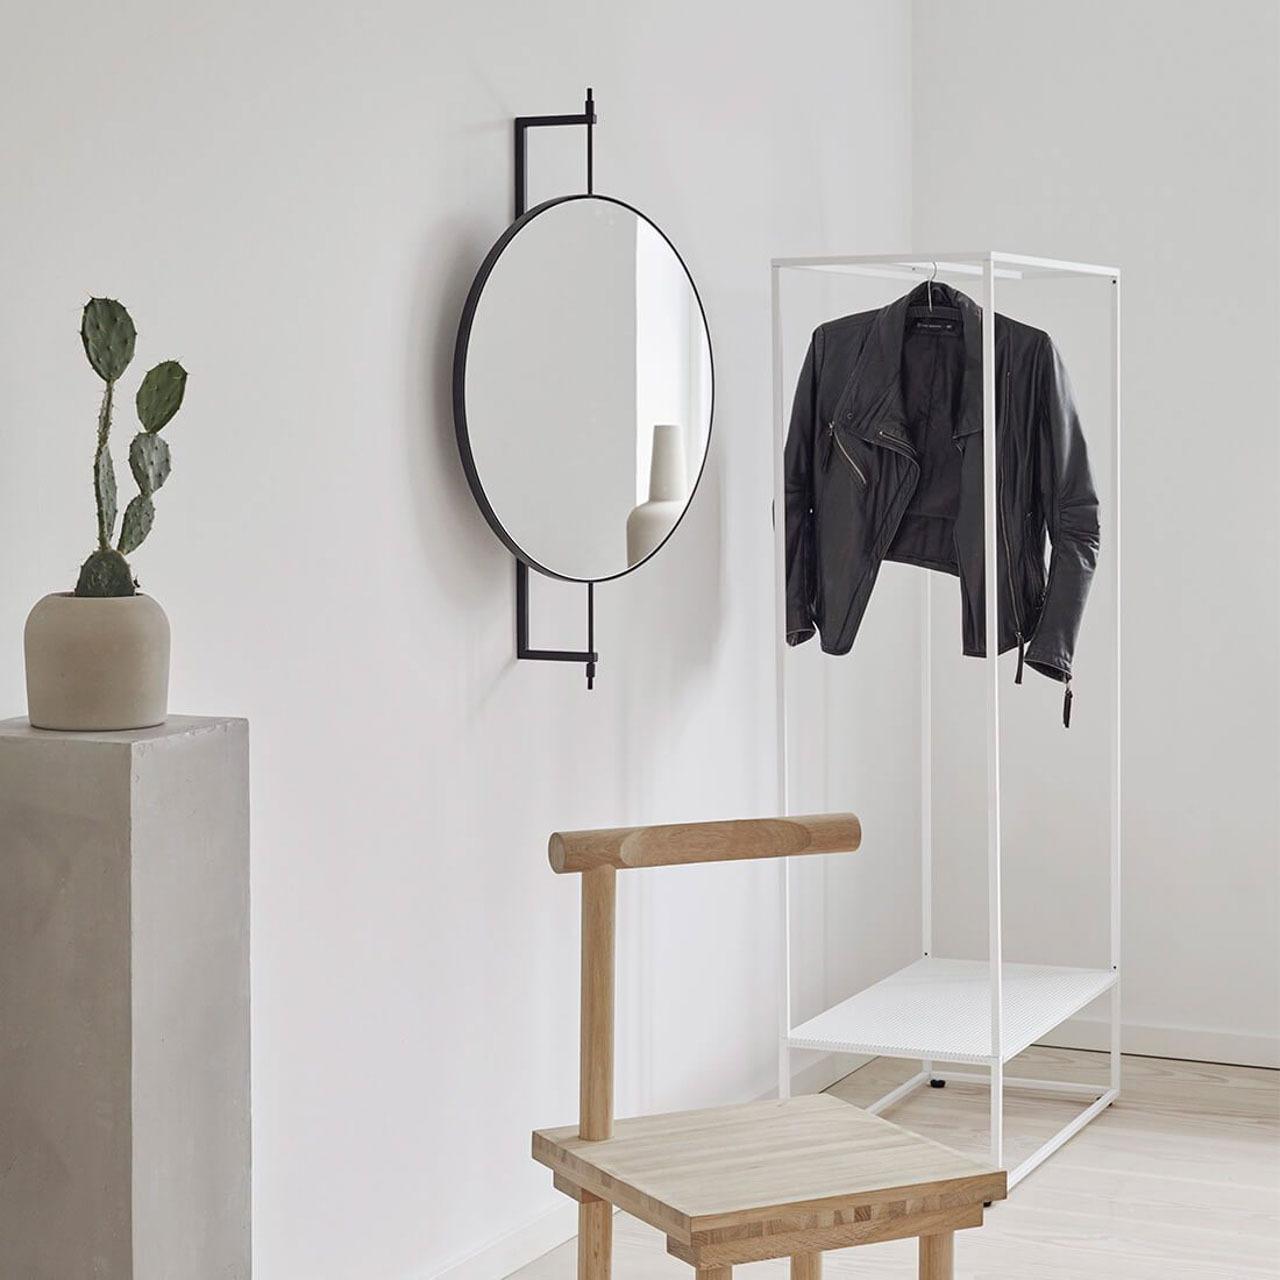 Garderobe Grid von Kristina Dam